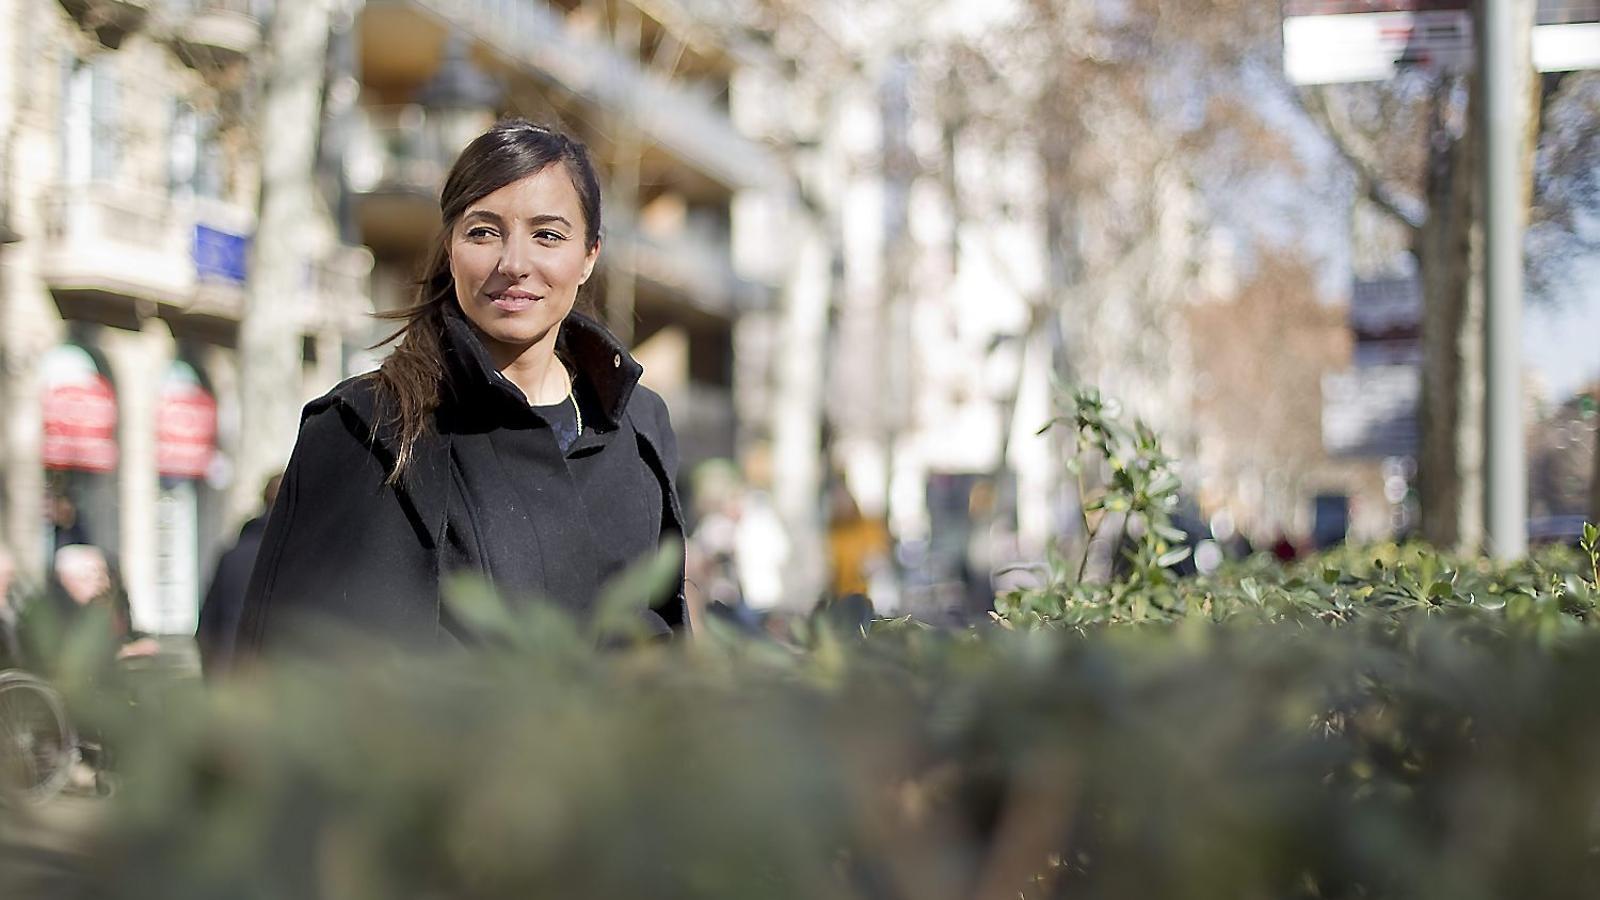 Servera, de 37 anys, va estudiar història a la UB i comunicació audiovisual a la URL.